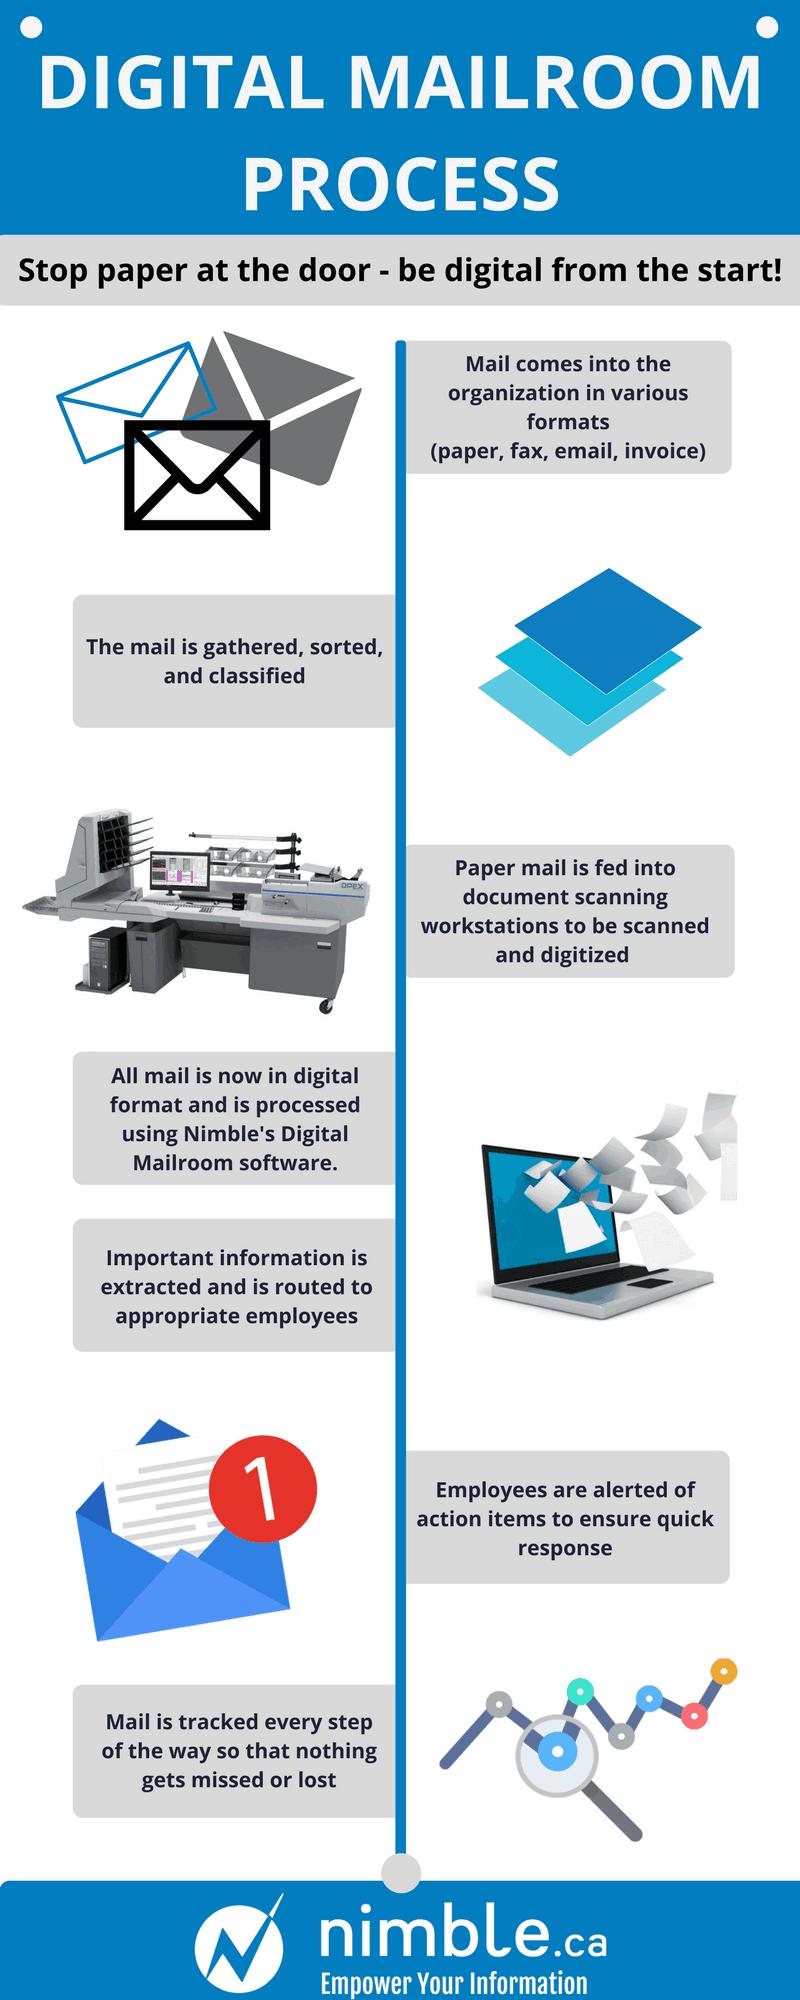 Services d'automatisation de la salle de courrier numérique